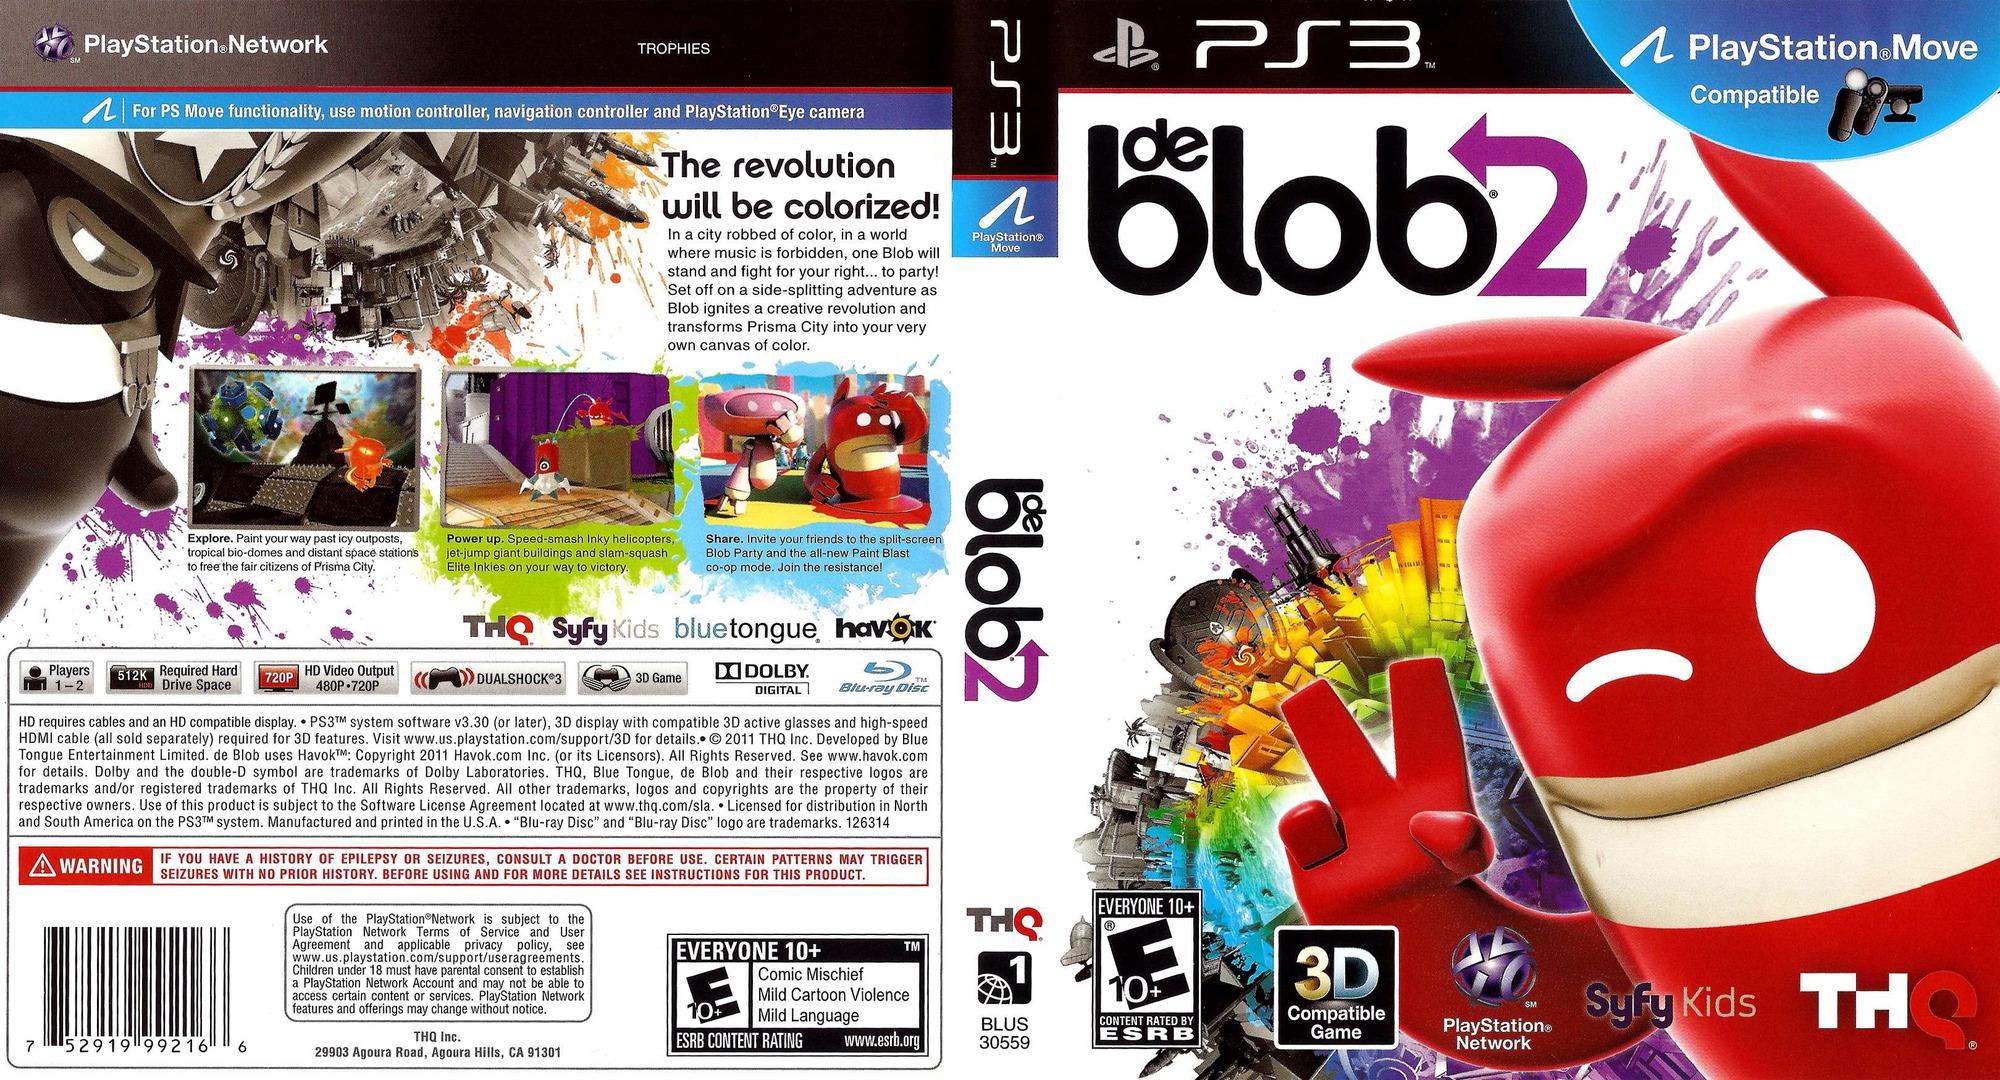 BLUS30559 - de Blob 2: www.gametdb.com/PS3/BLUS30559